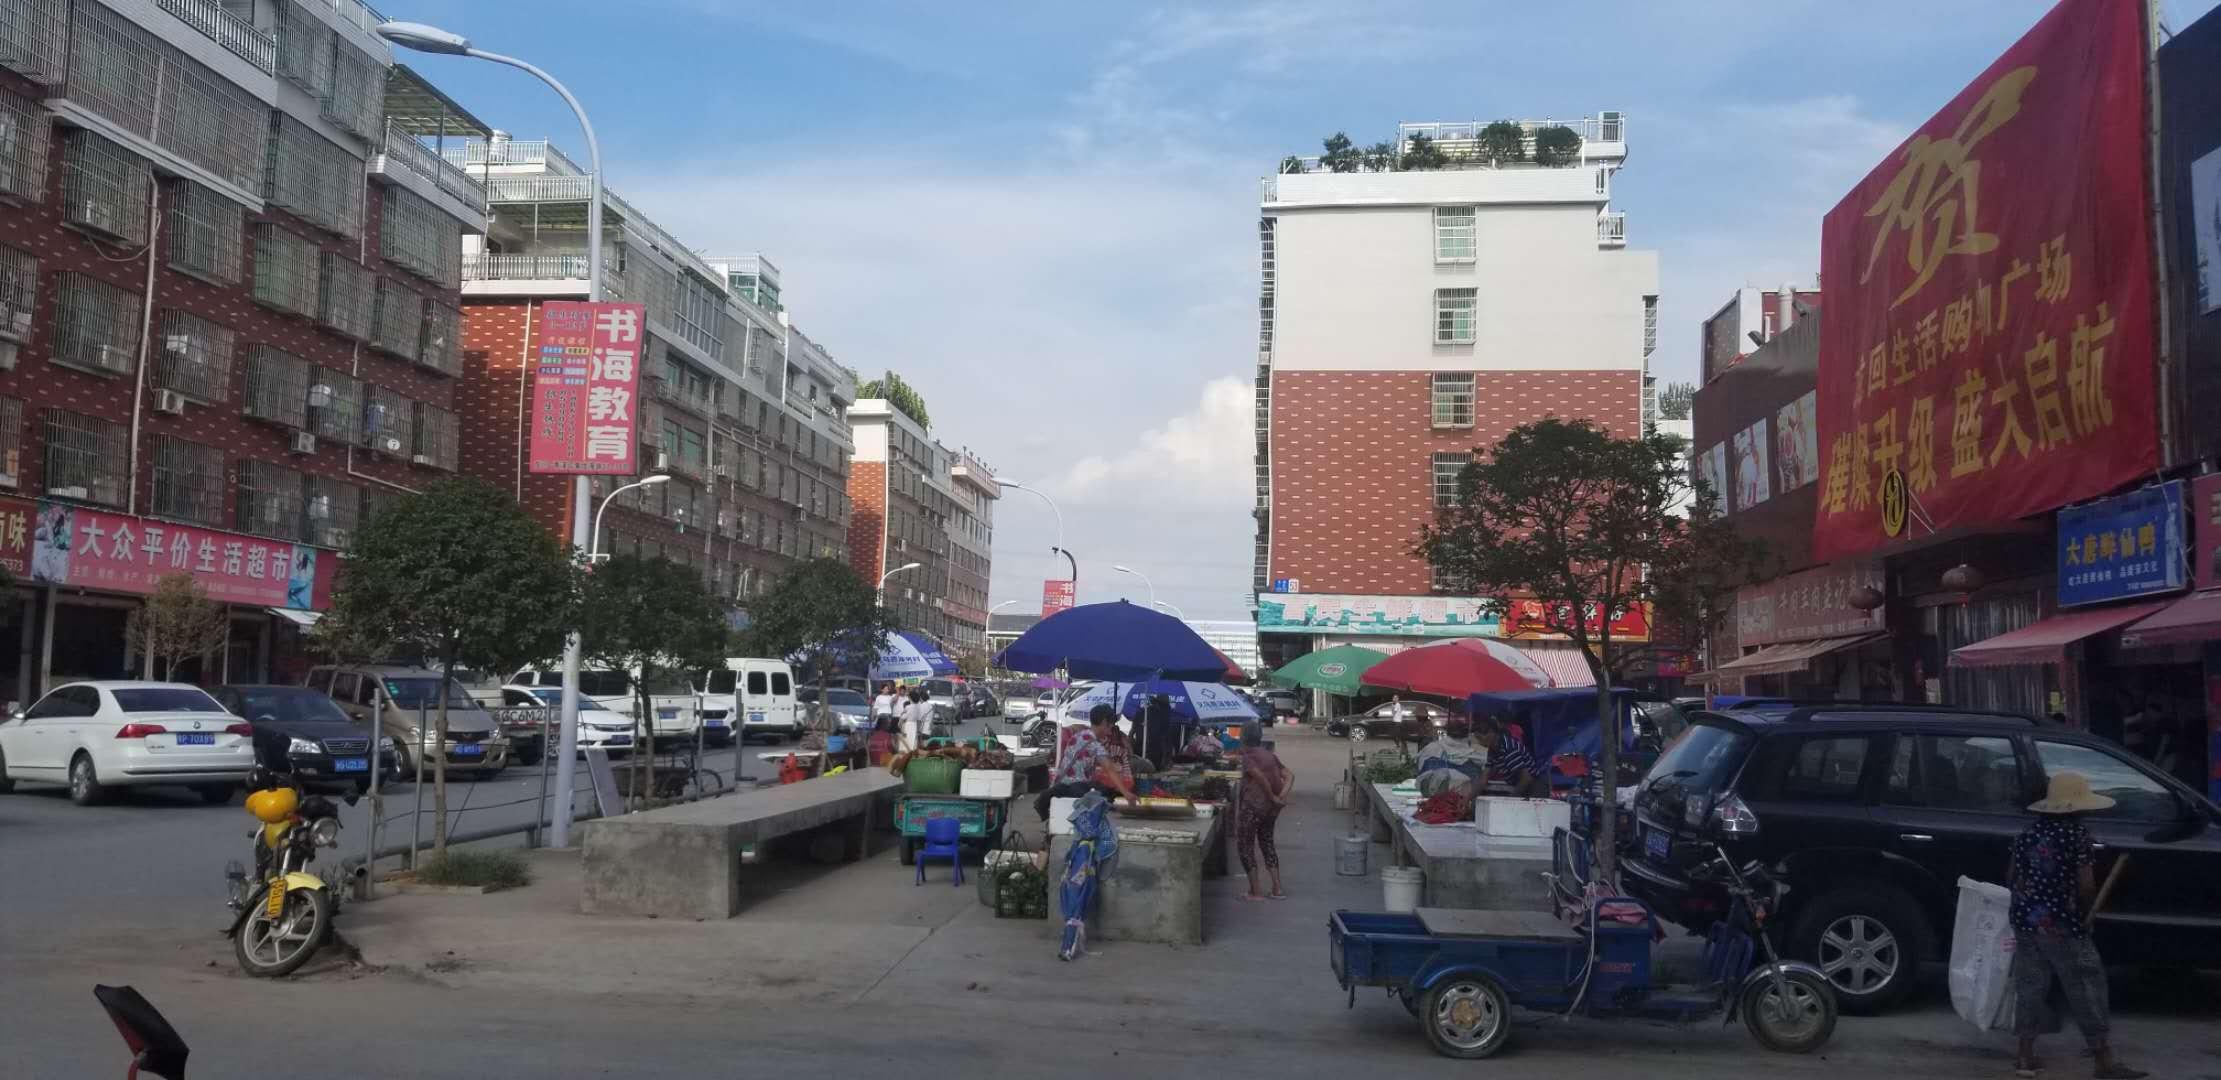 义乌农村人的福利,龙回小区主街店面垂直楼诚心转让稀缺资源急卖